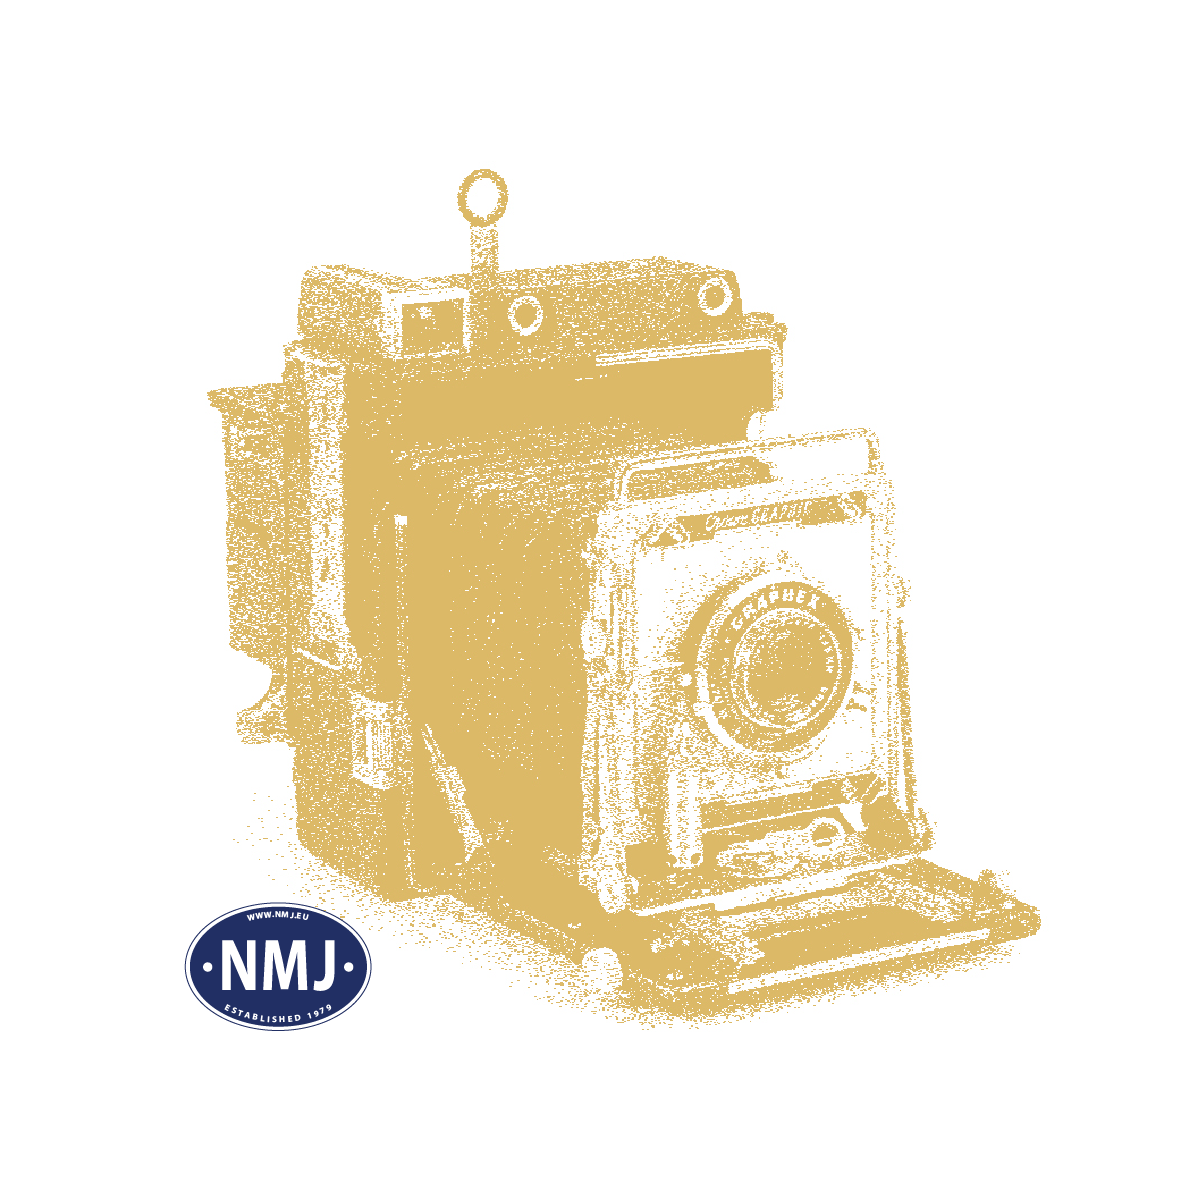 TOM02070405 - Micro Lysdiode m/print og loddepunkter, Varmhvit